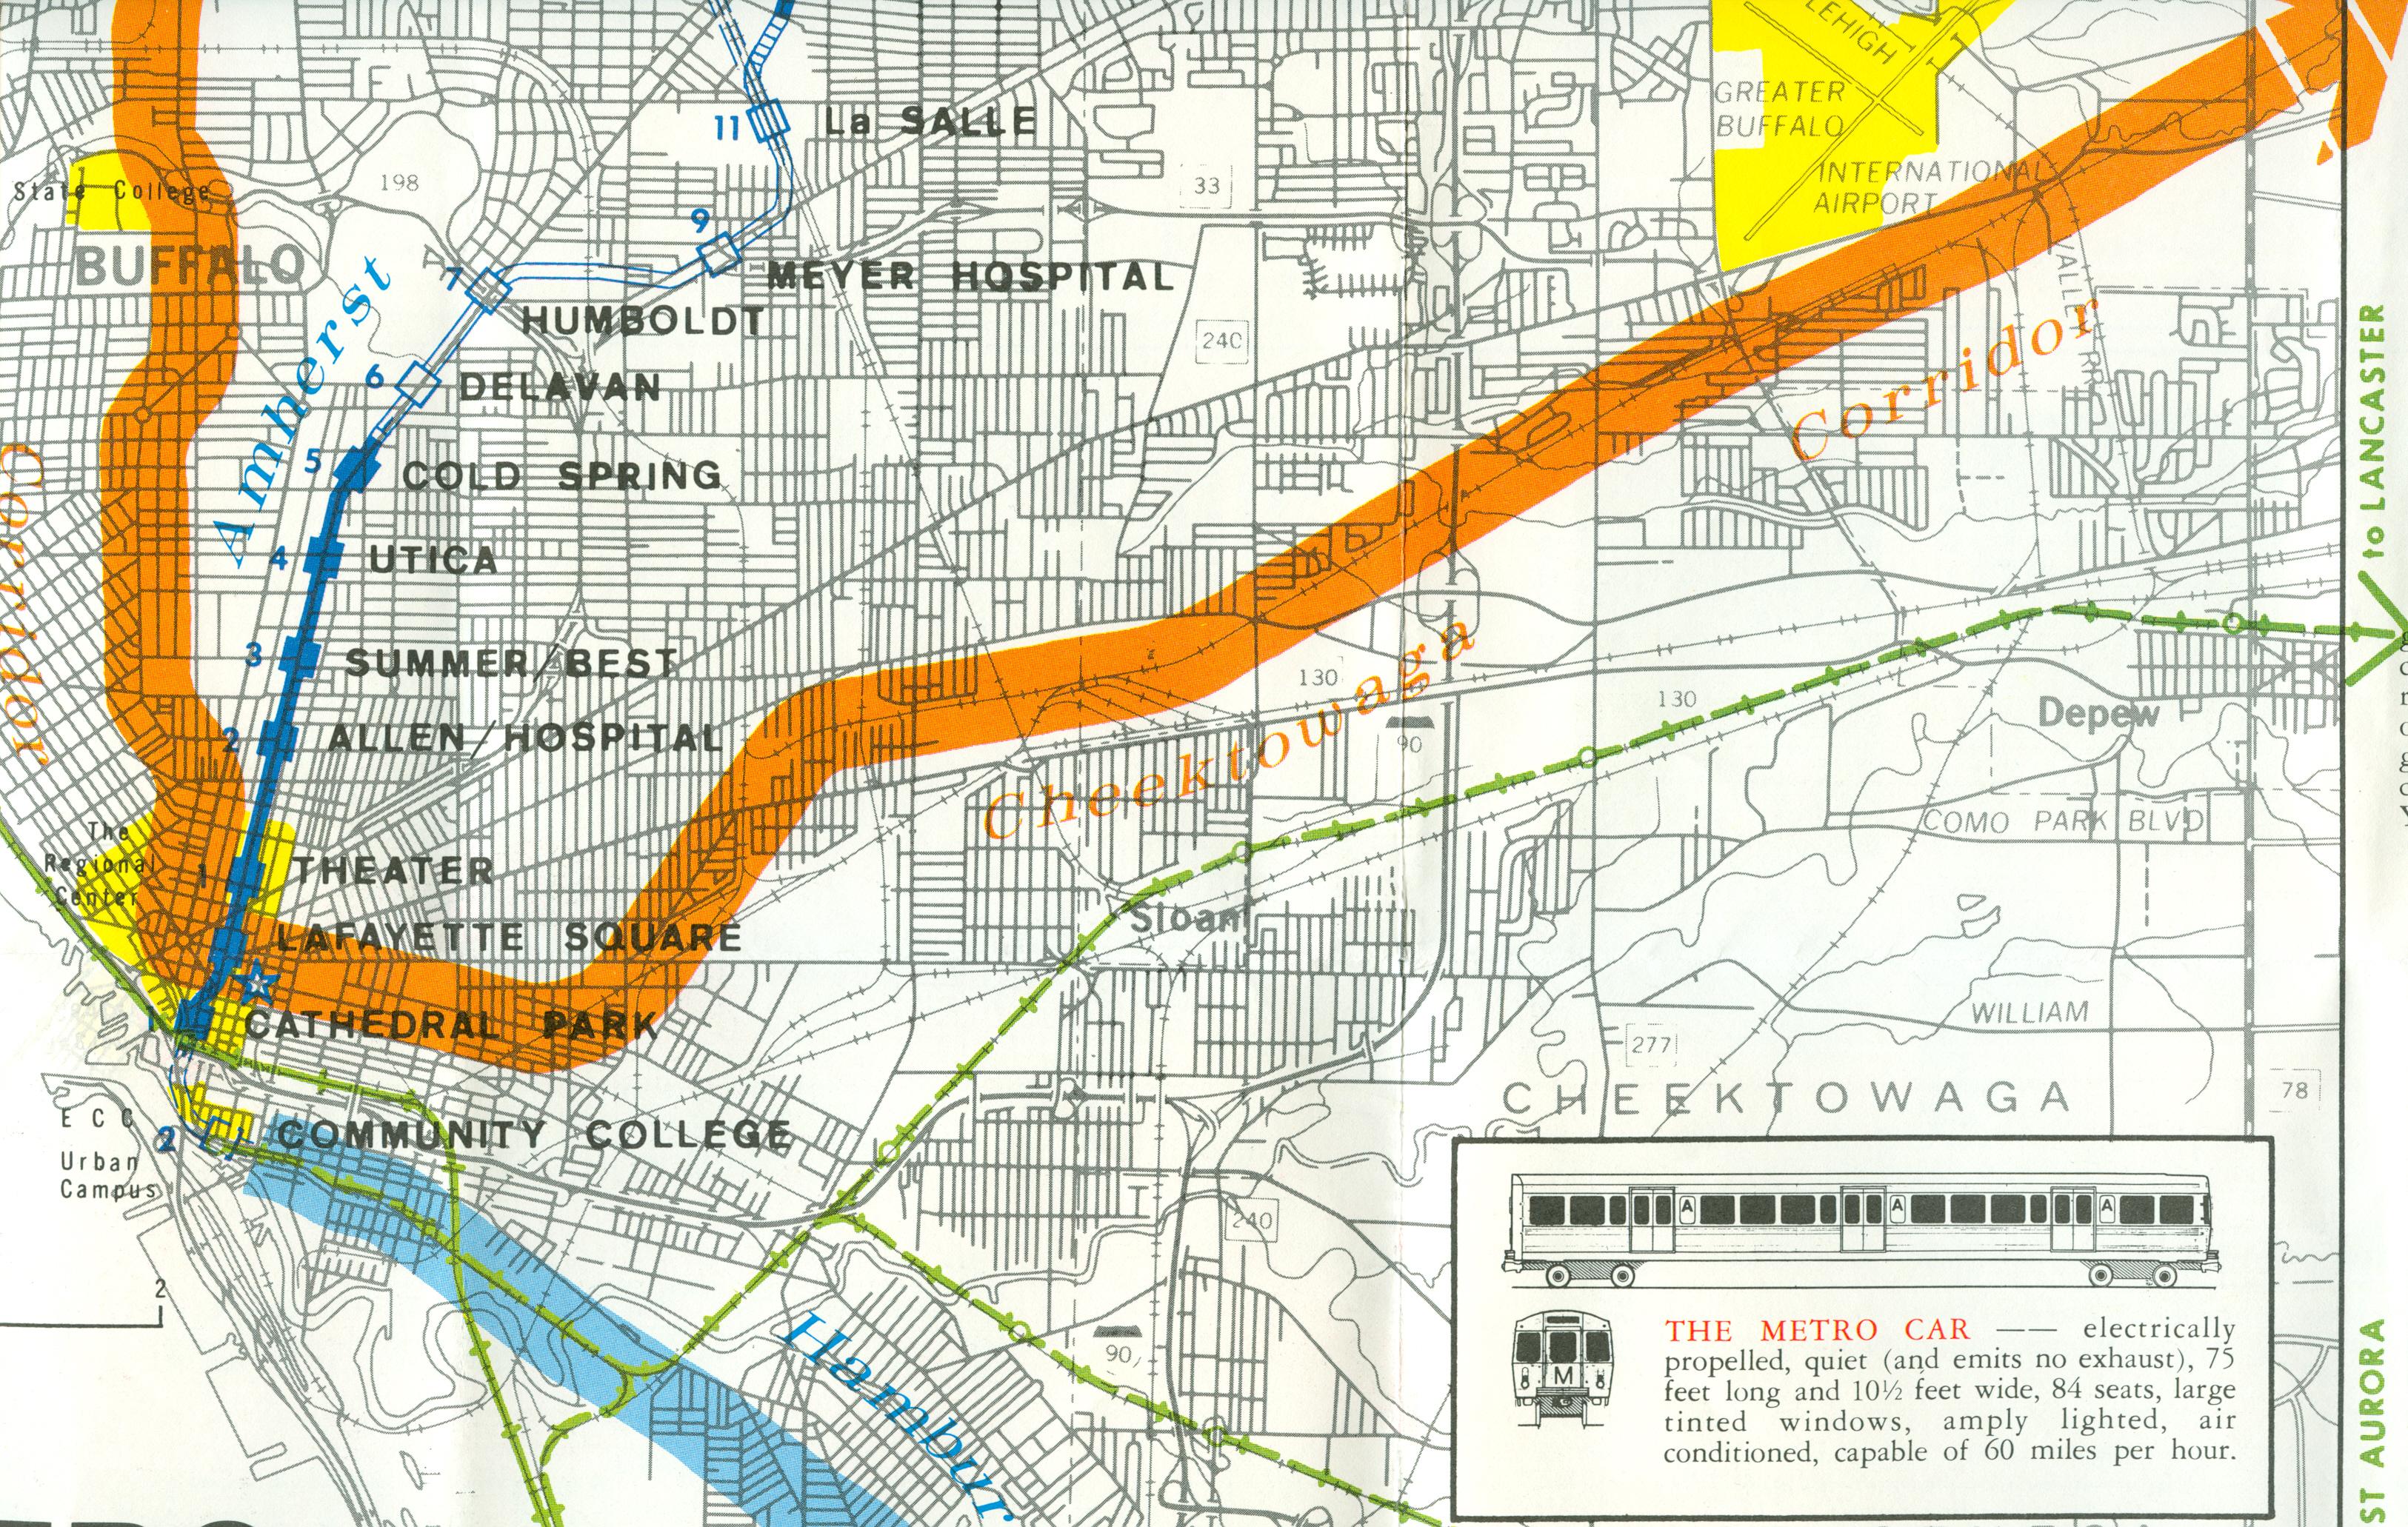 Buffalo Subway Map.Forgotten Buffalo Featuring Buffalo Metro Rail 1973